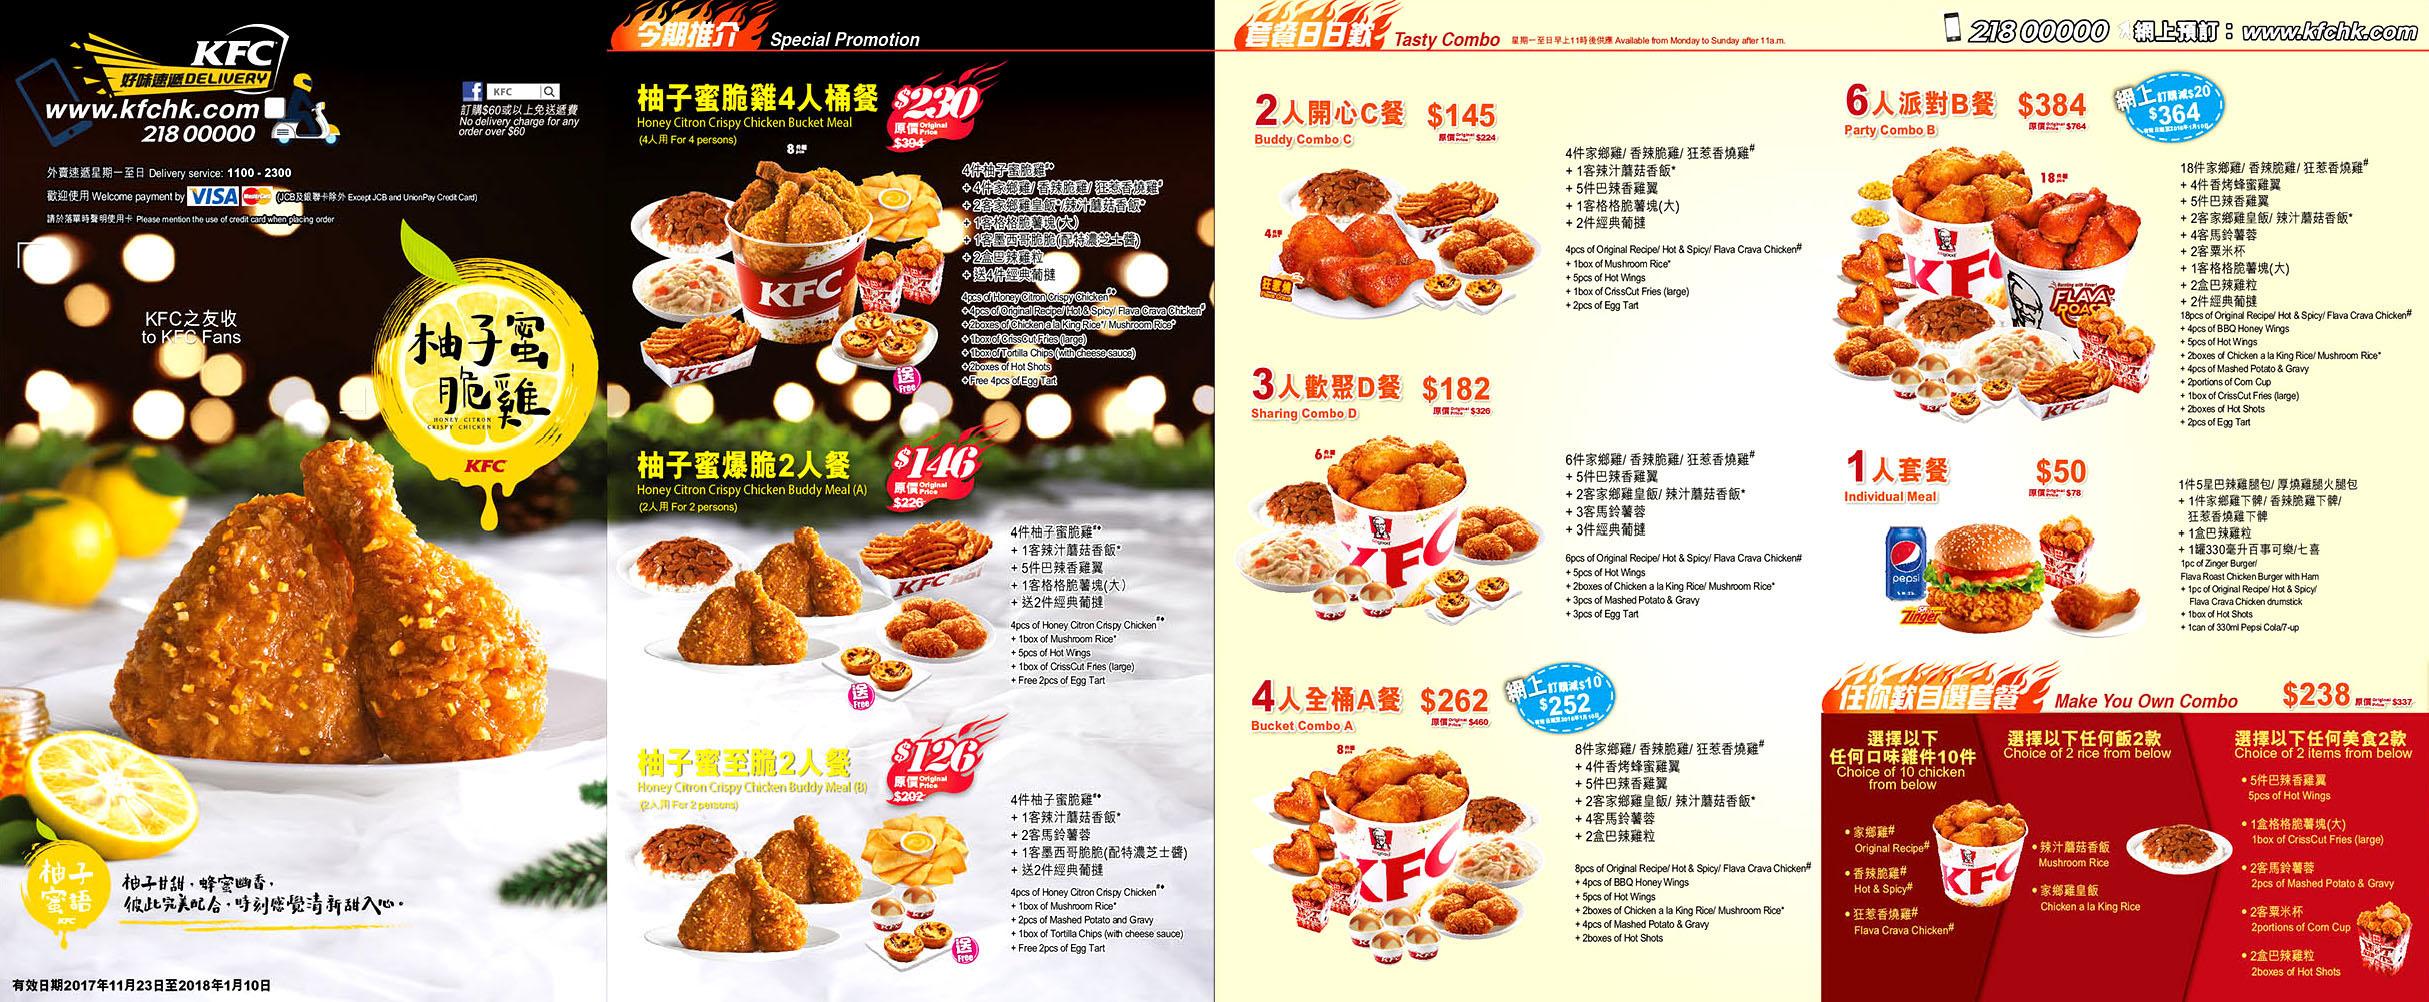 香港肯德基家乡鸡餐厅 kfc hk delivery online coupons 外卖速递服